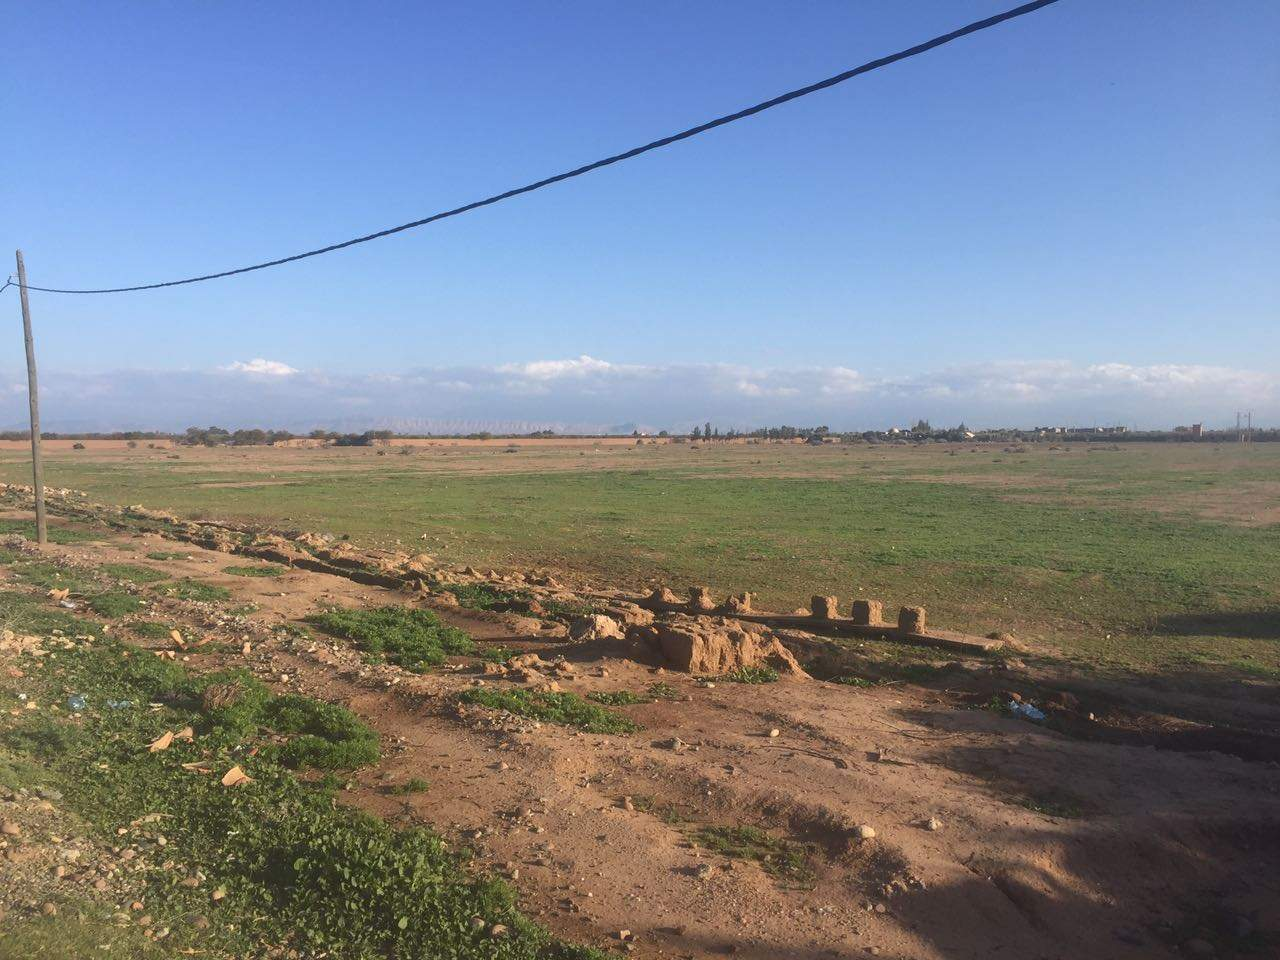 Vente terrain Terrain a lotir Marrakech Extérieur Ecole américaine